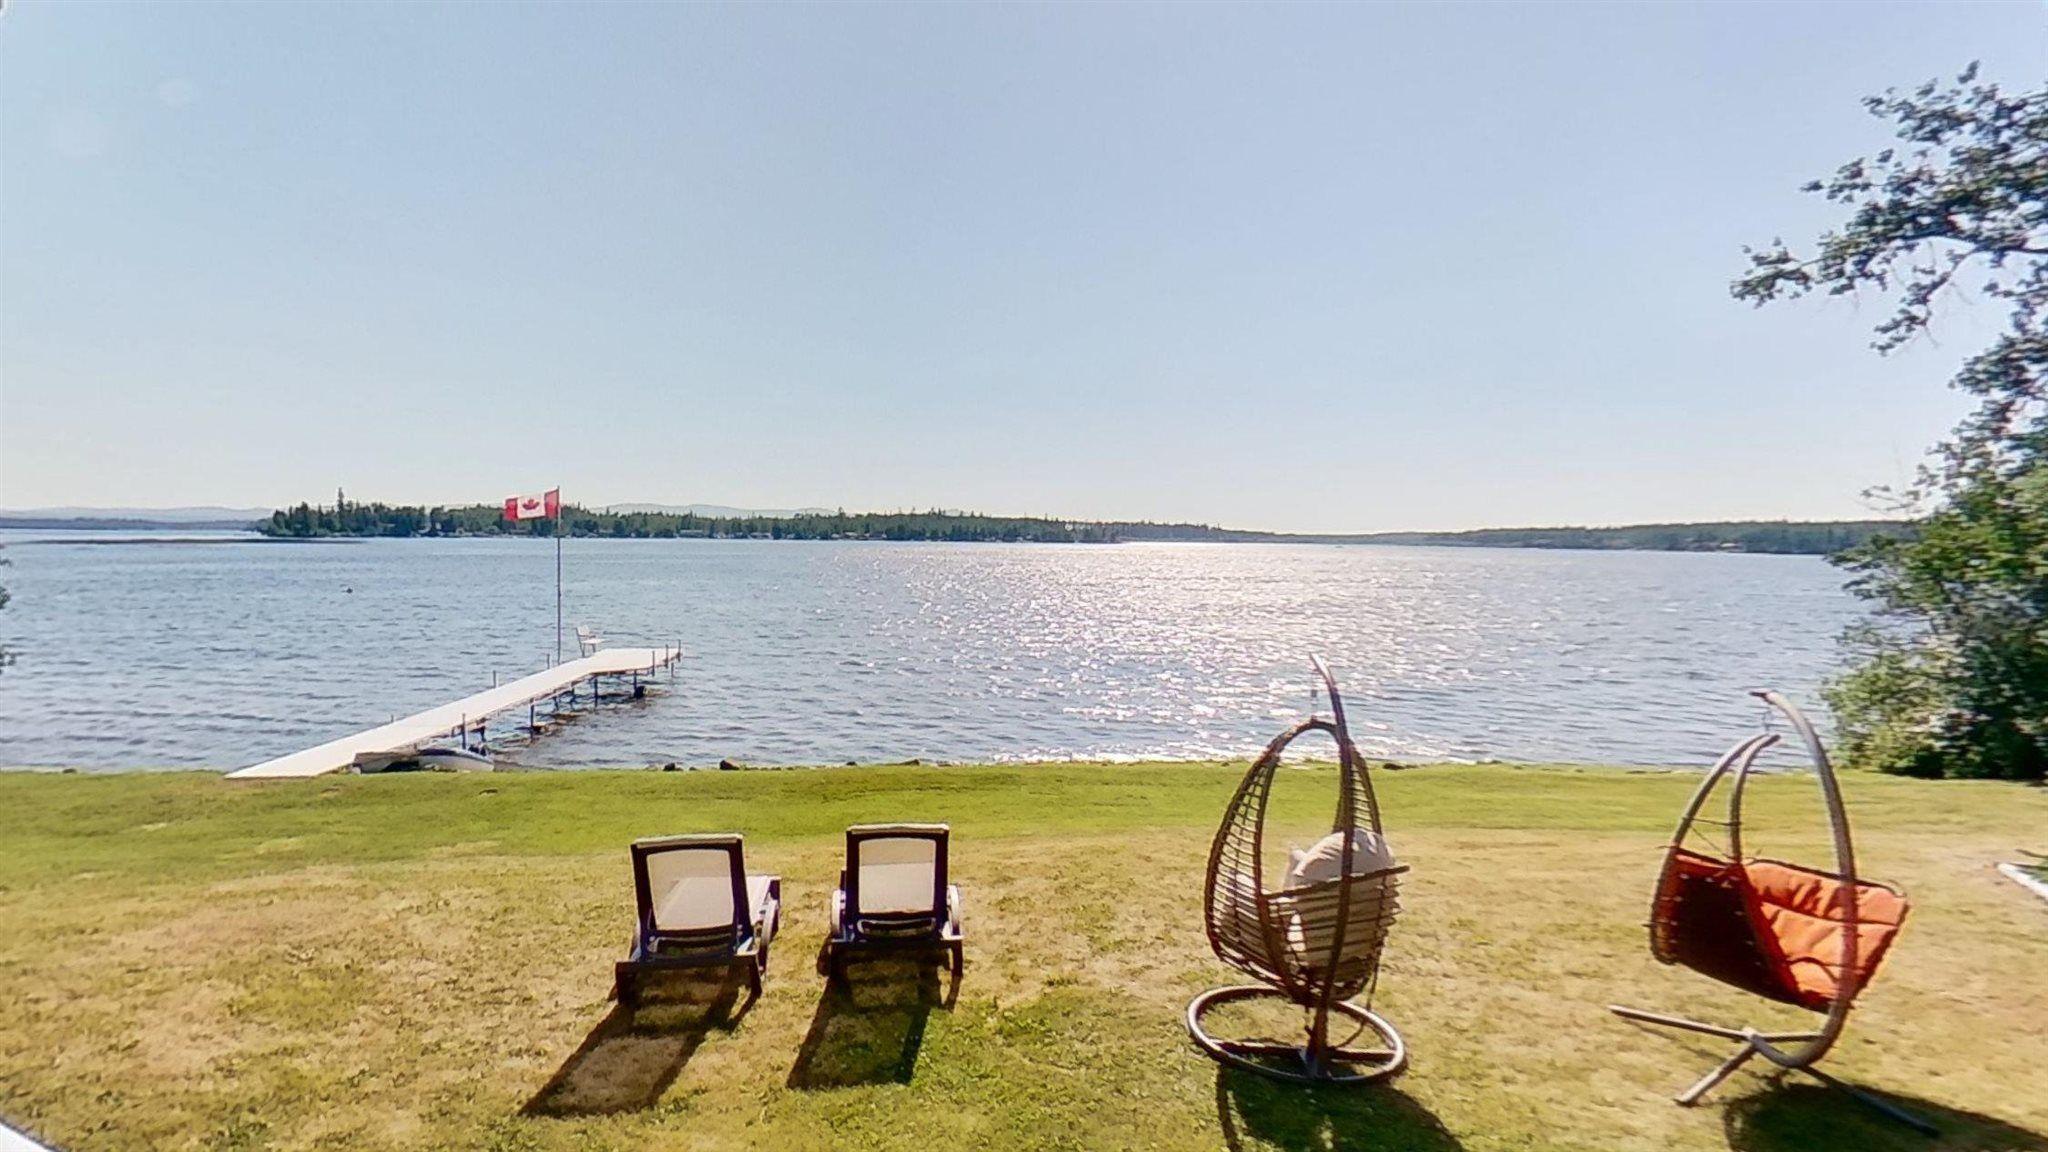 """Main Photo: 55680 JARDINE LOOP Road in Vanderhoof: Cluculz Lake House for sale in """"Cluculz Lake"""" (PG Rural West (Zone 77))  : MLS®# R2598247"""